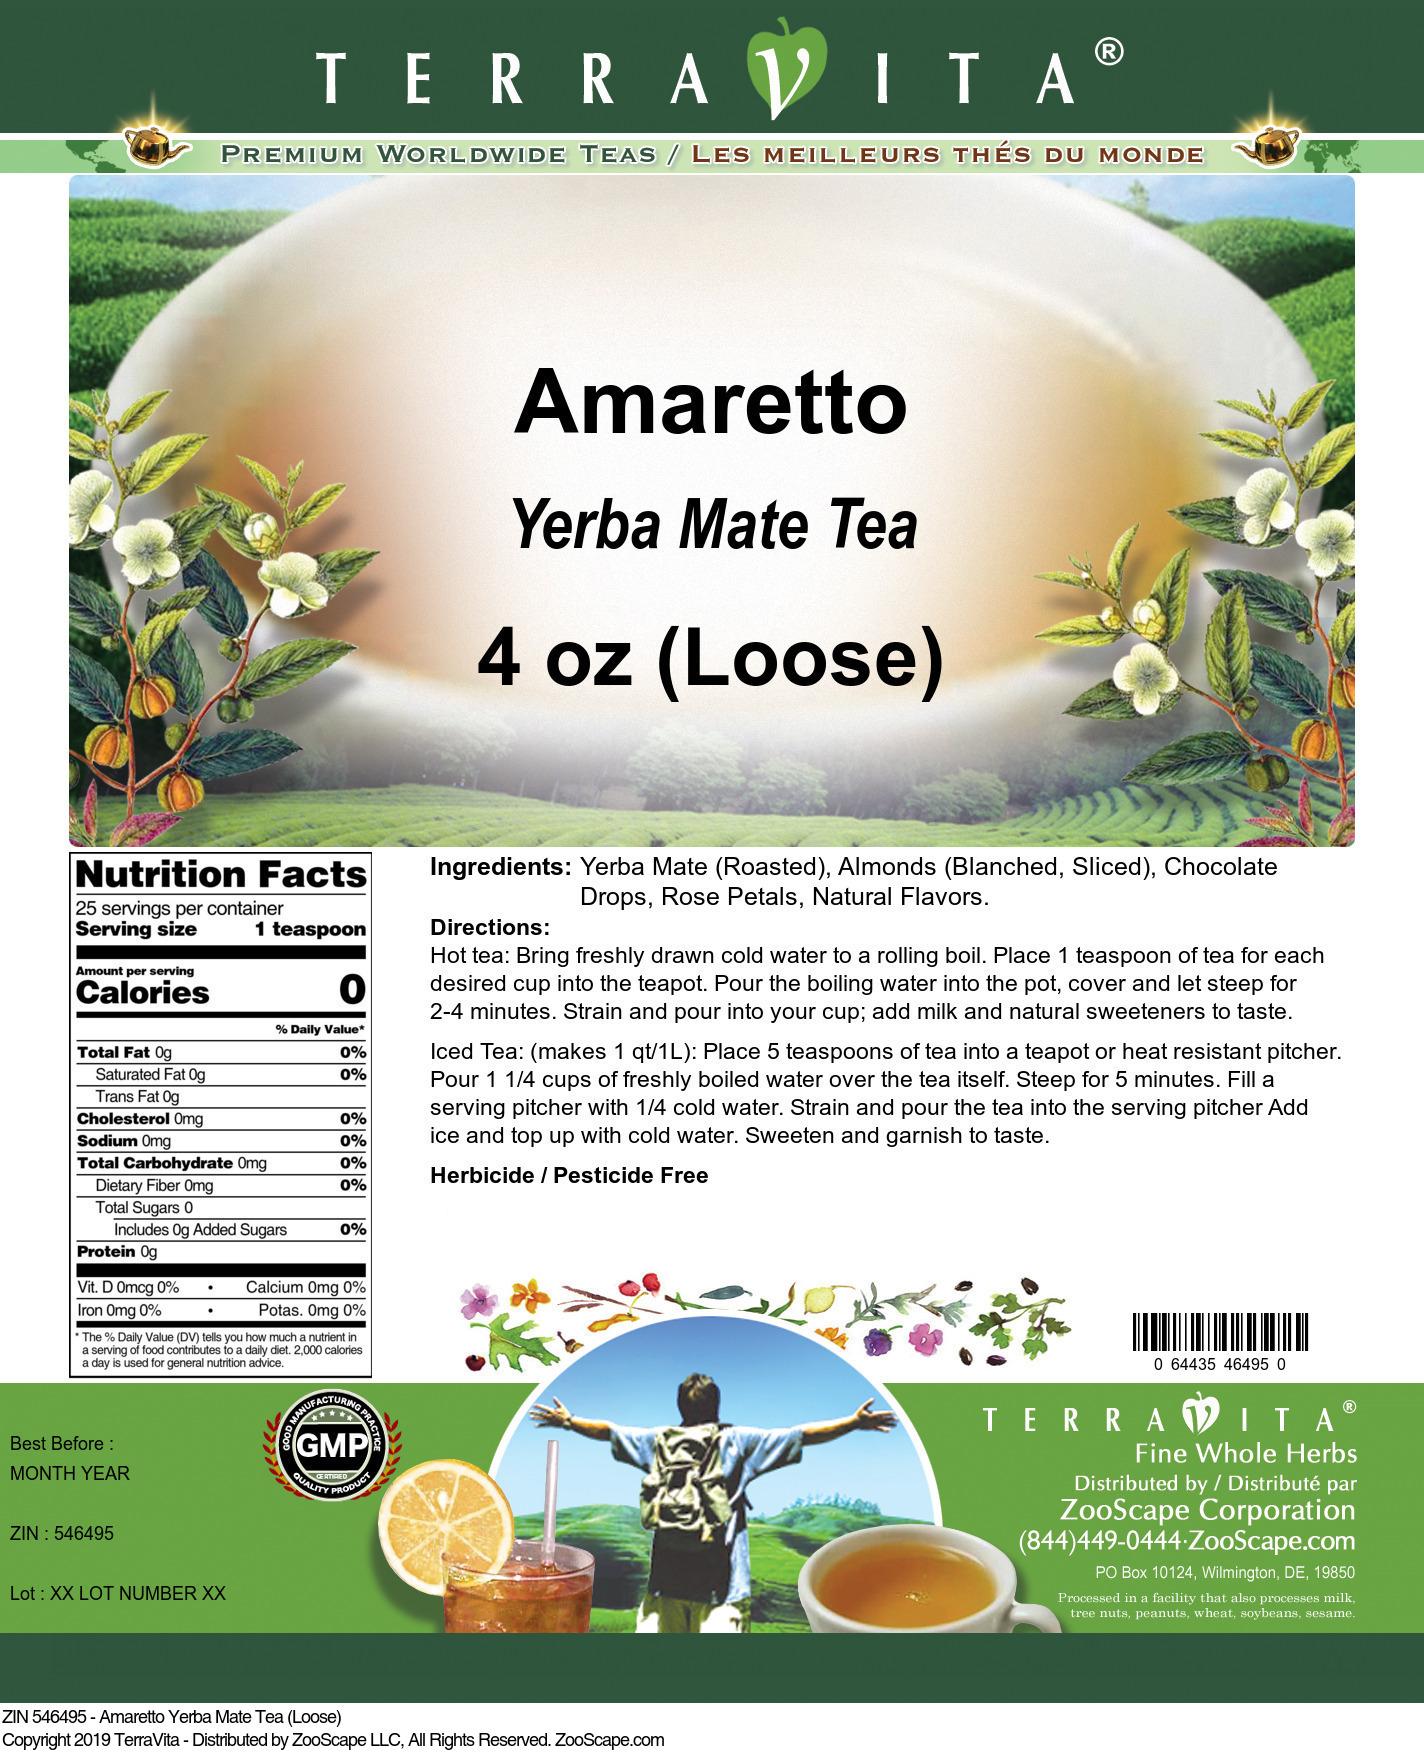 Amaretto Yerba Mate